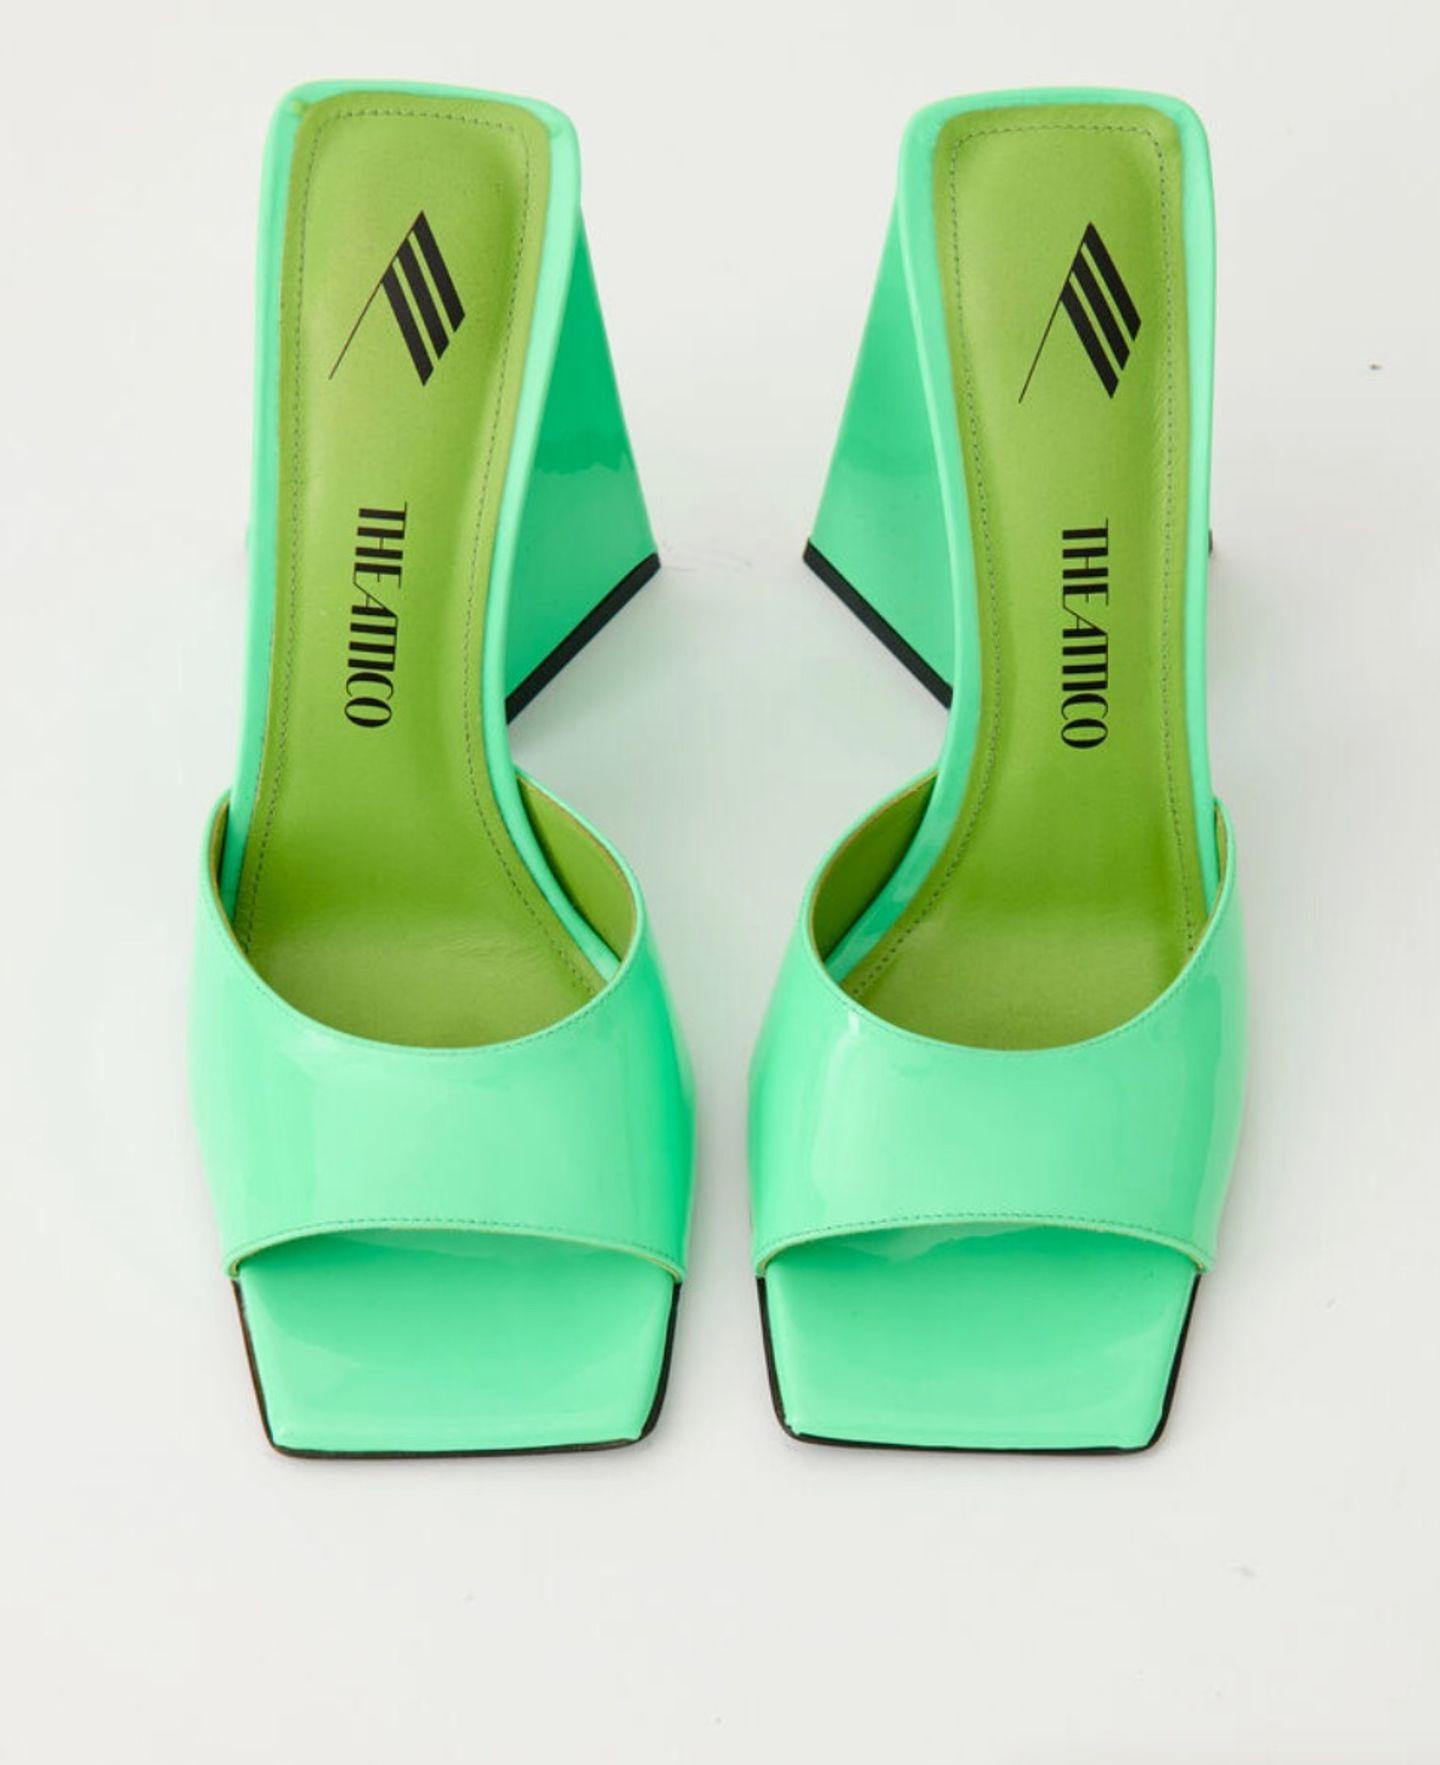 """Zugegeben: Ein wenig Mut erfordert es schon, diese Mules in Neongrün auszuführen. Doch wer sich erst einmal an die Farbe gewöhnt hat, der merkt schnell, dass sie doch einfacher zu kombinieren ist, als es auf den ersten Blick scheint. Denn sowohl mit gedeckten Tönen, als auch mit anderen Knallfarben, wie beispielsweise Neonpink, funktionieren diese Schuhe ausgesprochen gut. """"Devon Mules"""" von The Attico, kosten ca. 590 Euro."""